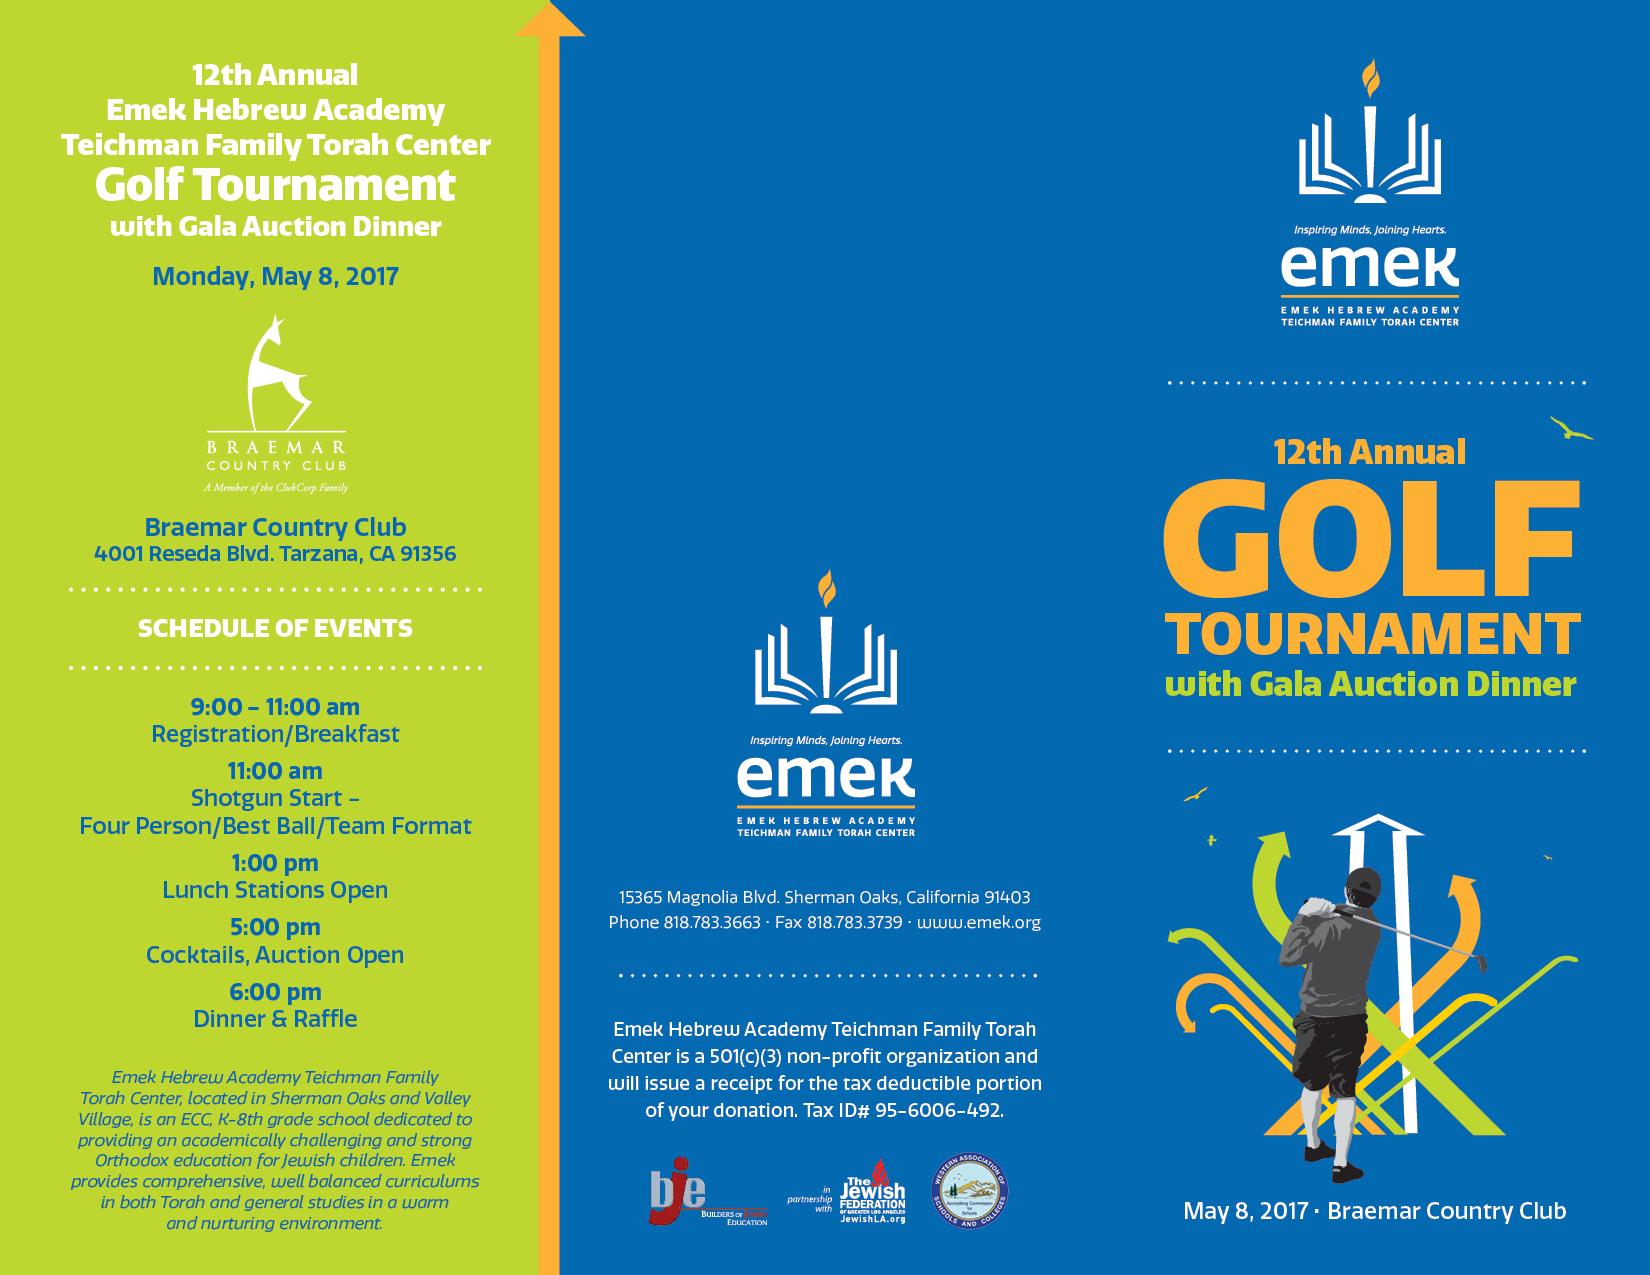 Emek_GolfTourn2017_Brochure_Front.jpg